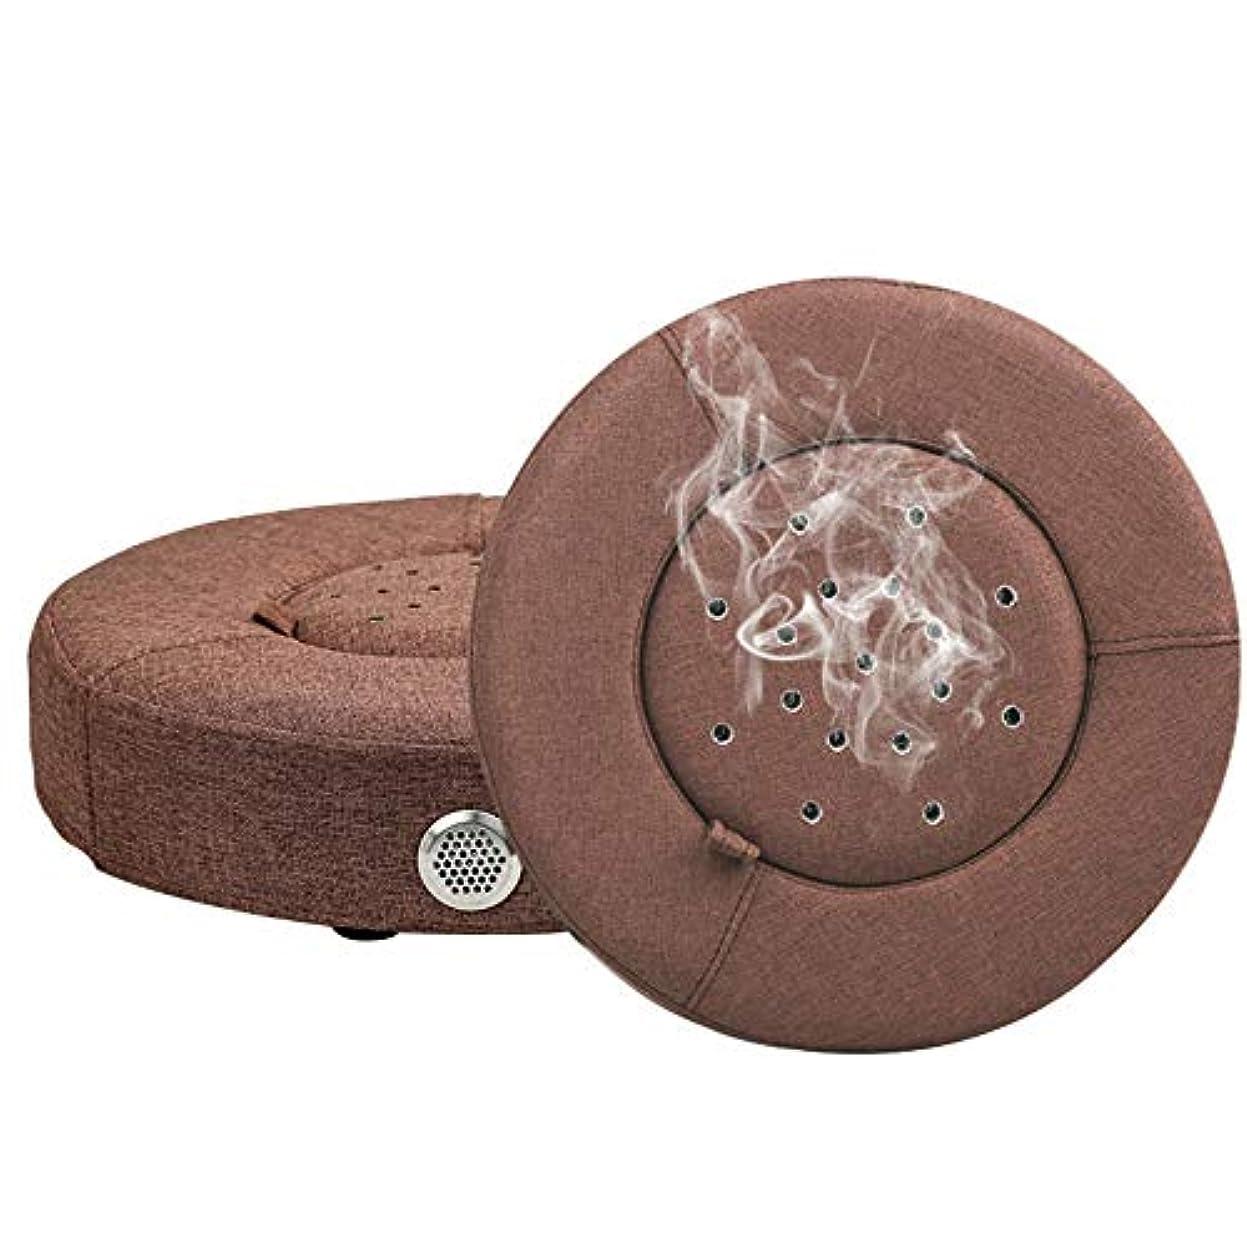 組み込む転送想像する鍼治療バーナー座る椅子木材灸クッション多機能灸ヒートパッドボックススツール枕オフィスホームクッション